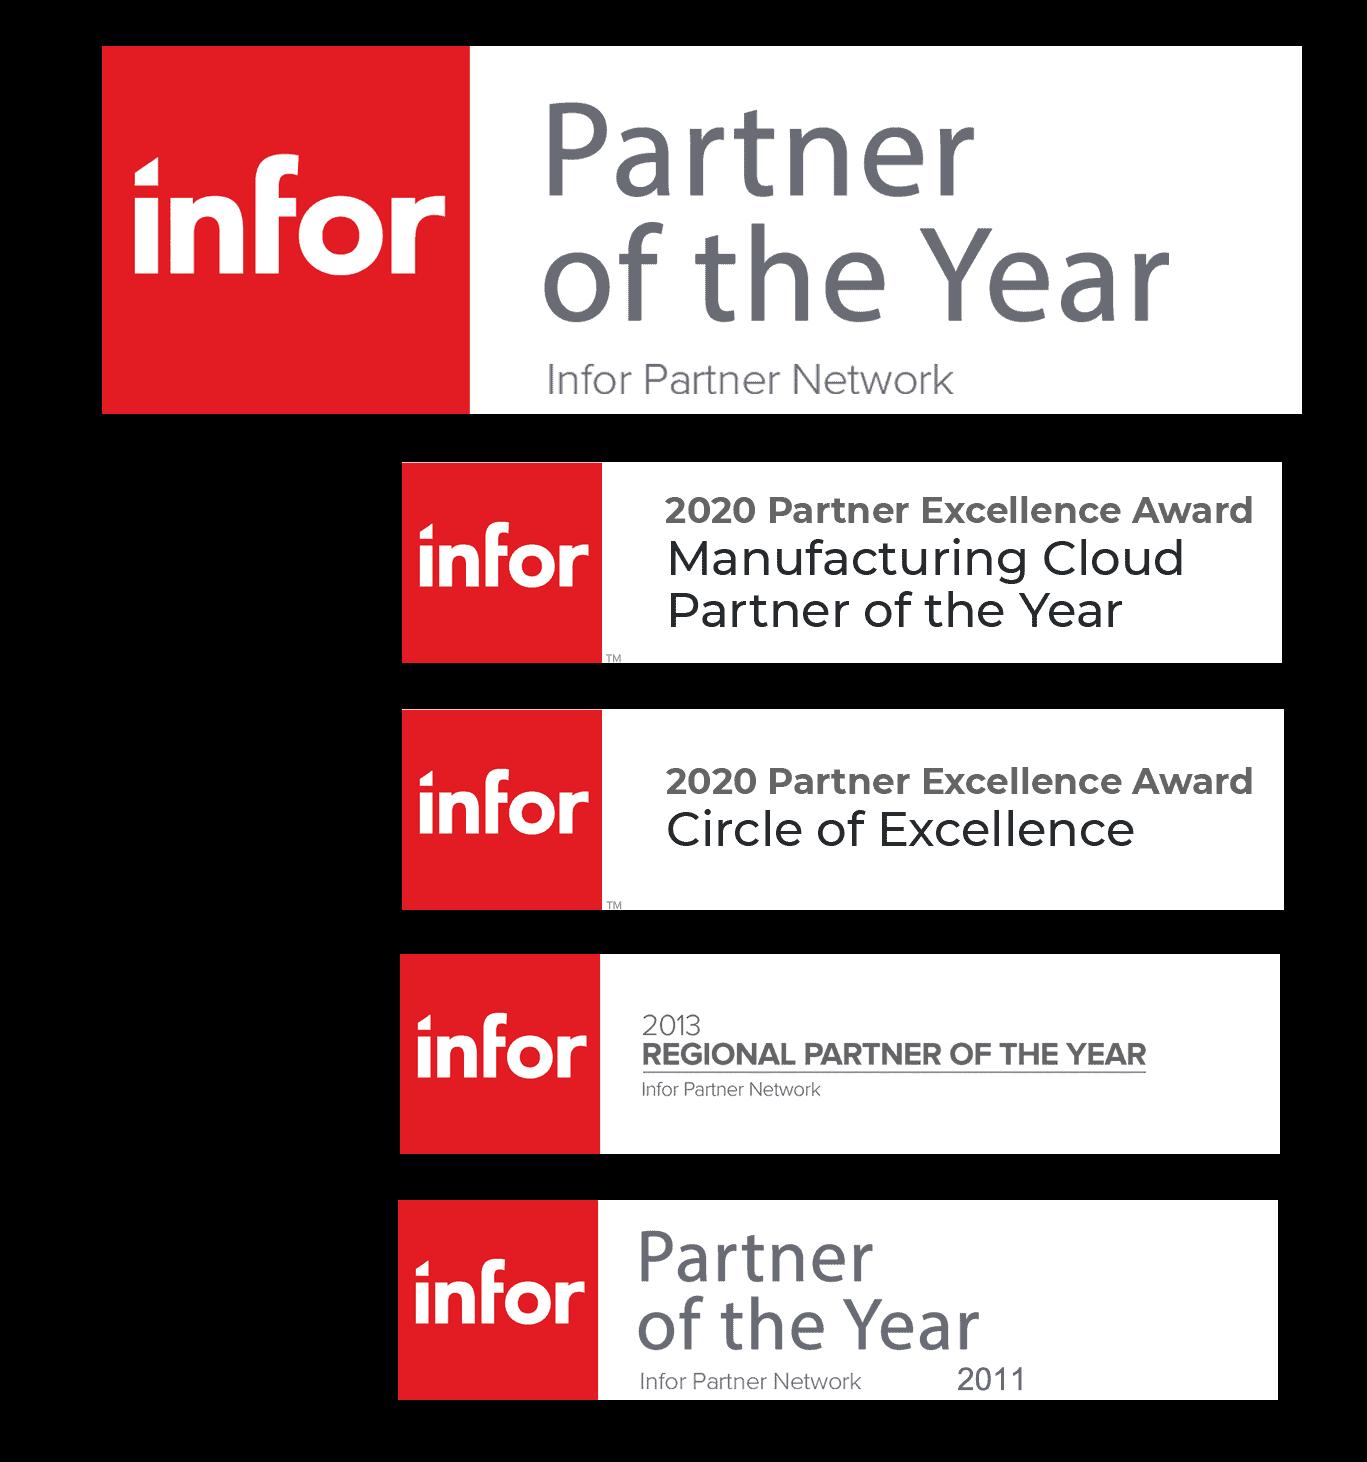 Godlan Infor Partner of the Year Awards